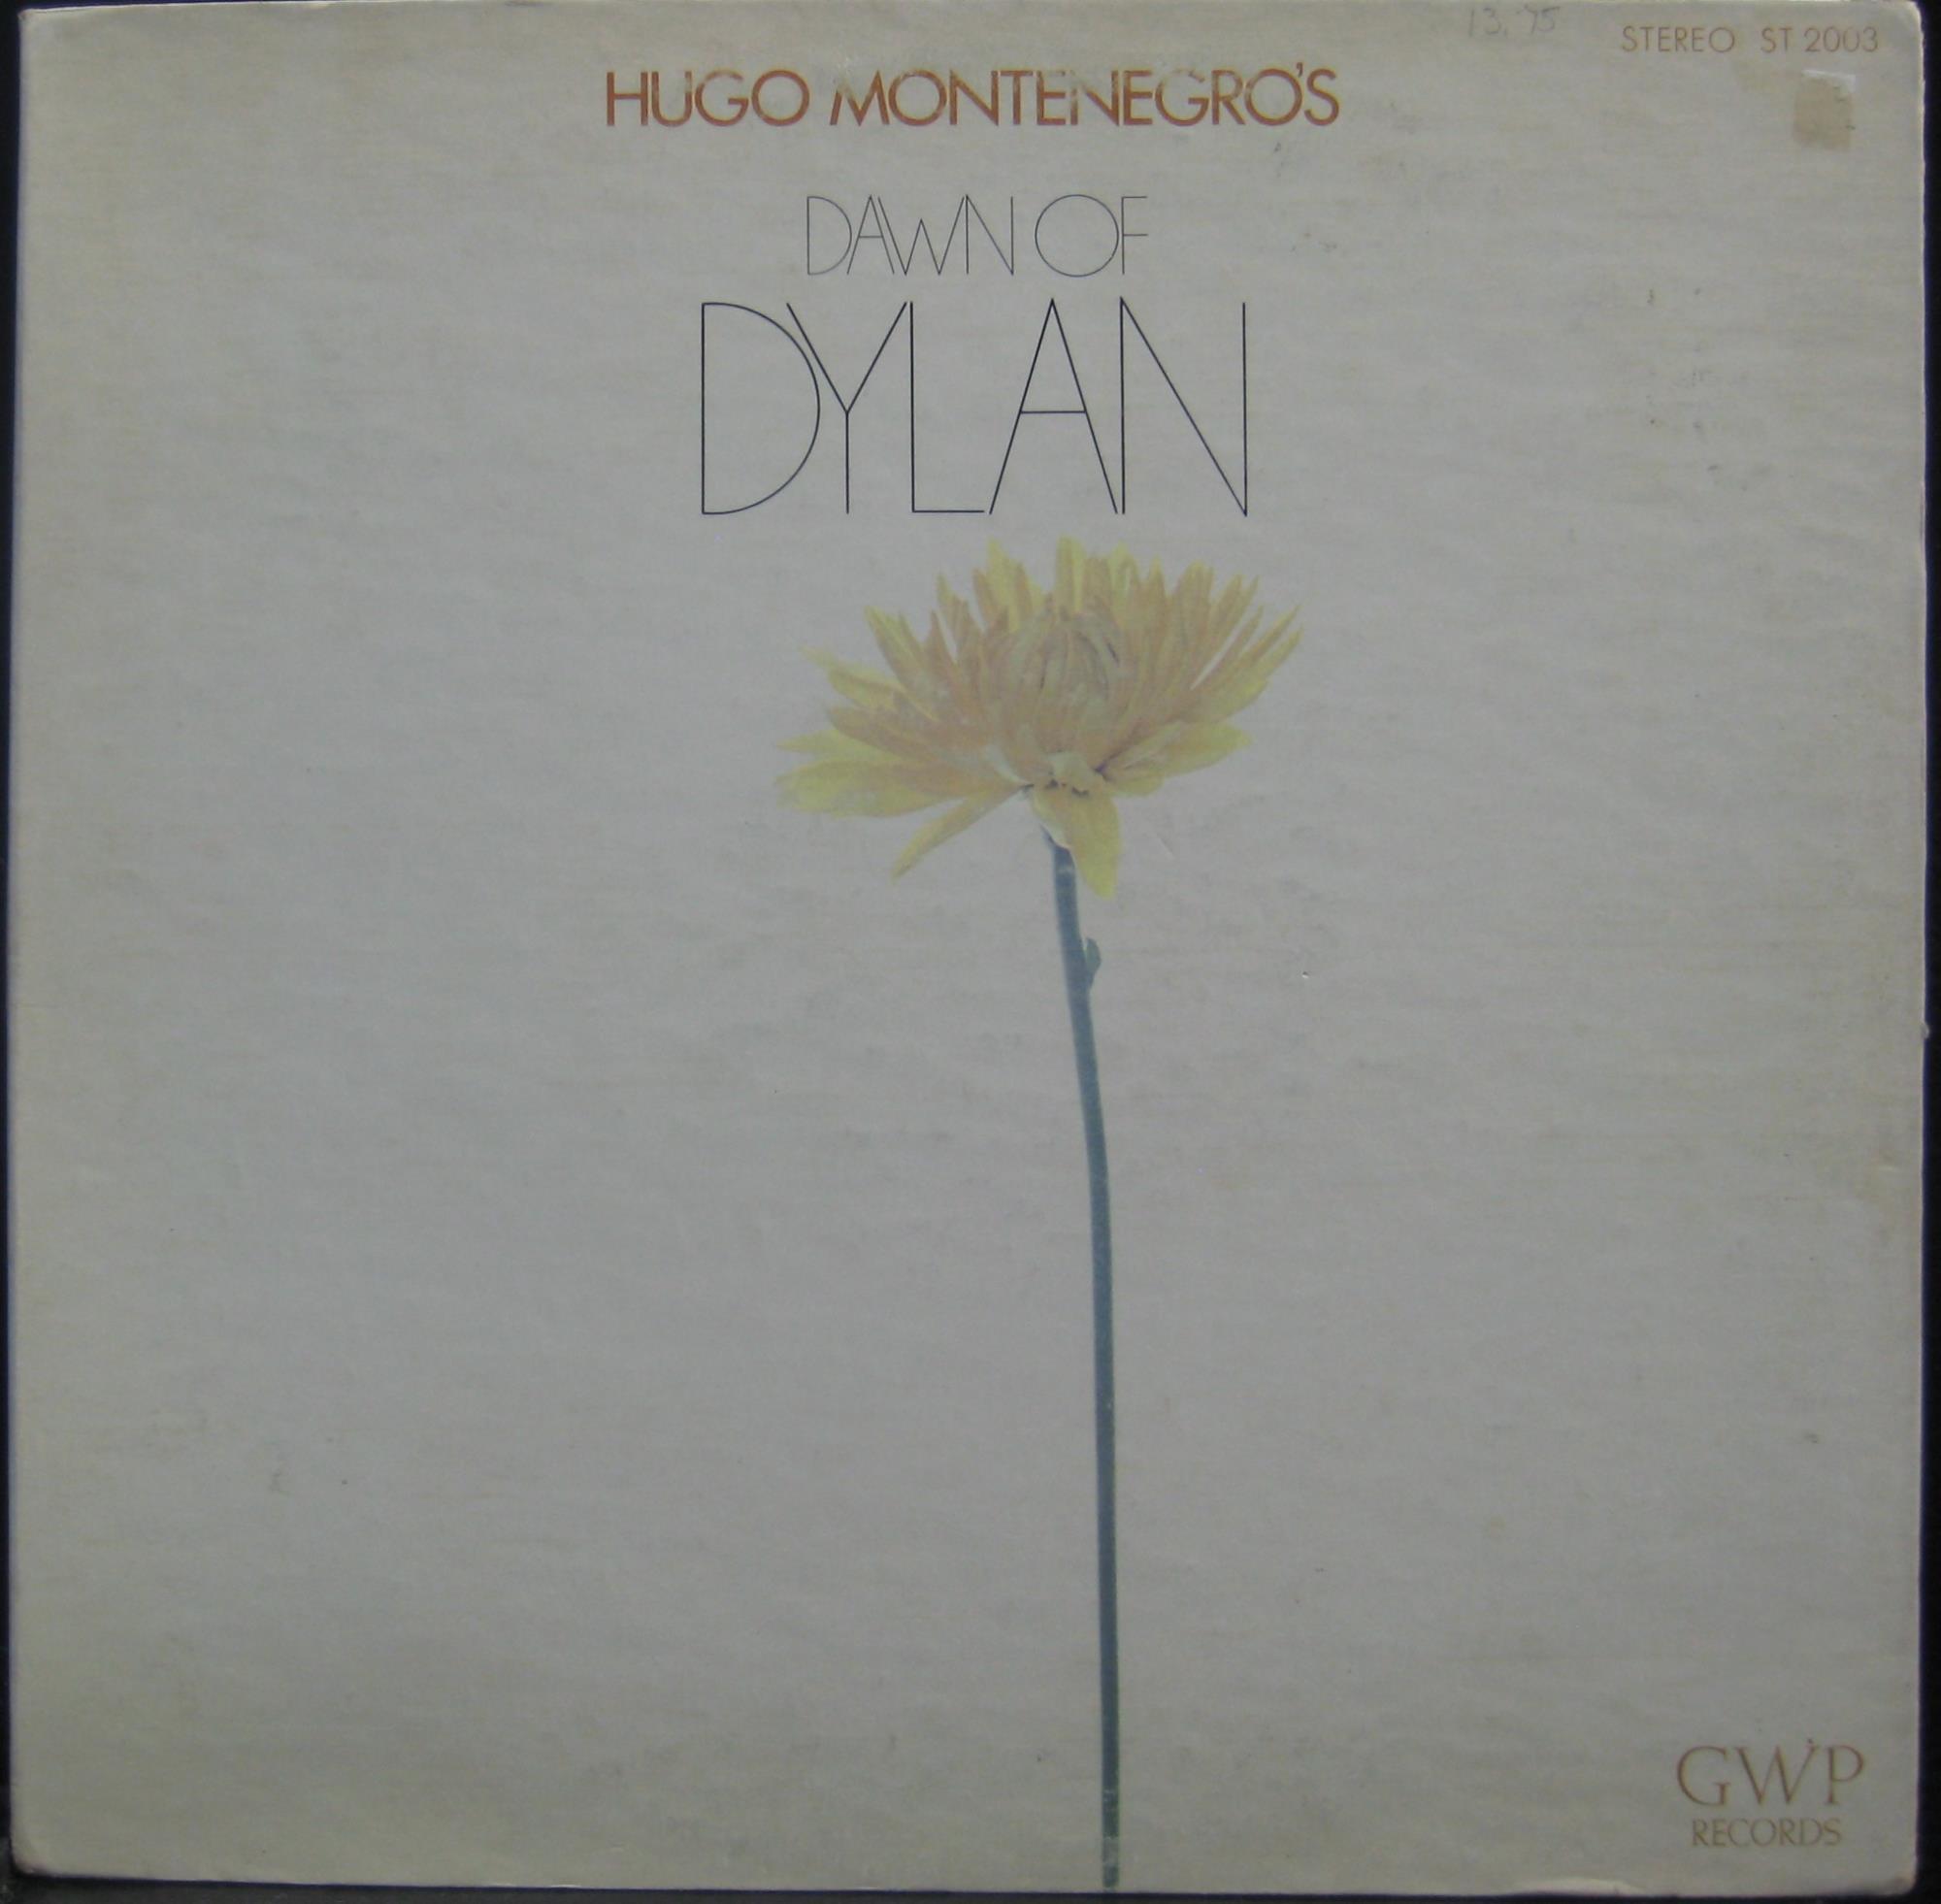 HUGO MONTENEGRO - Dawn Of Bob Dylan